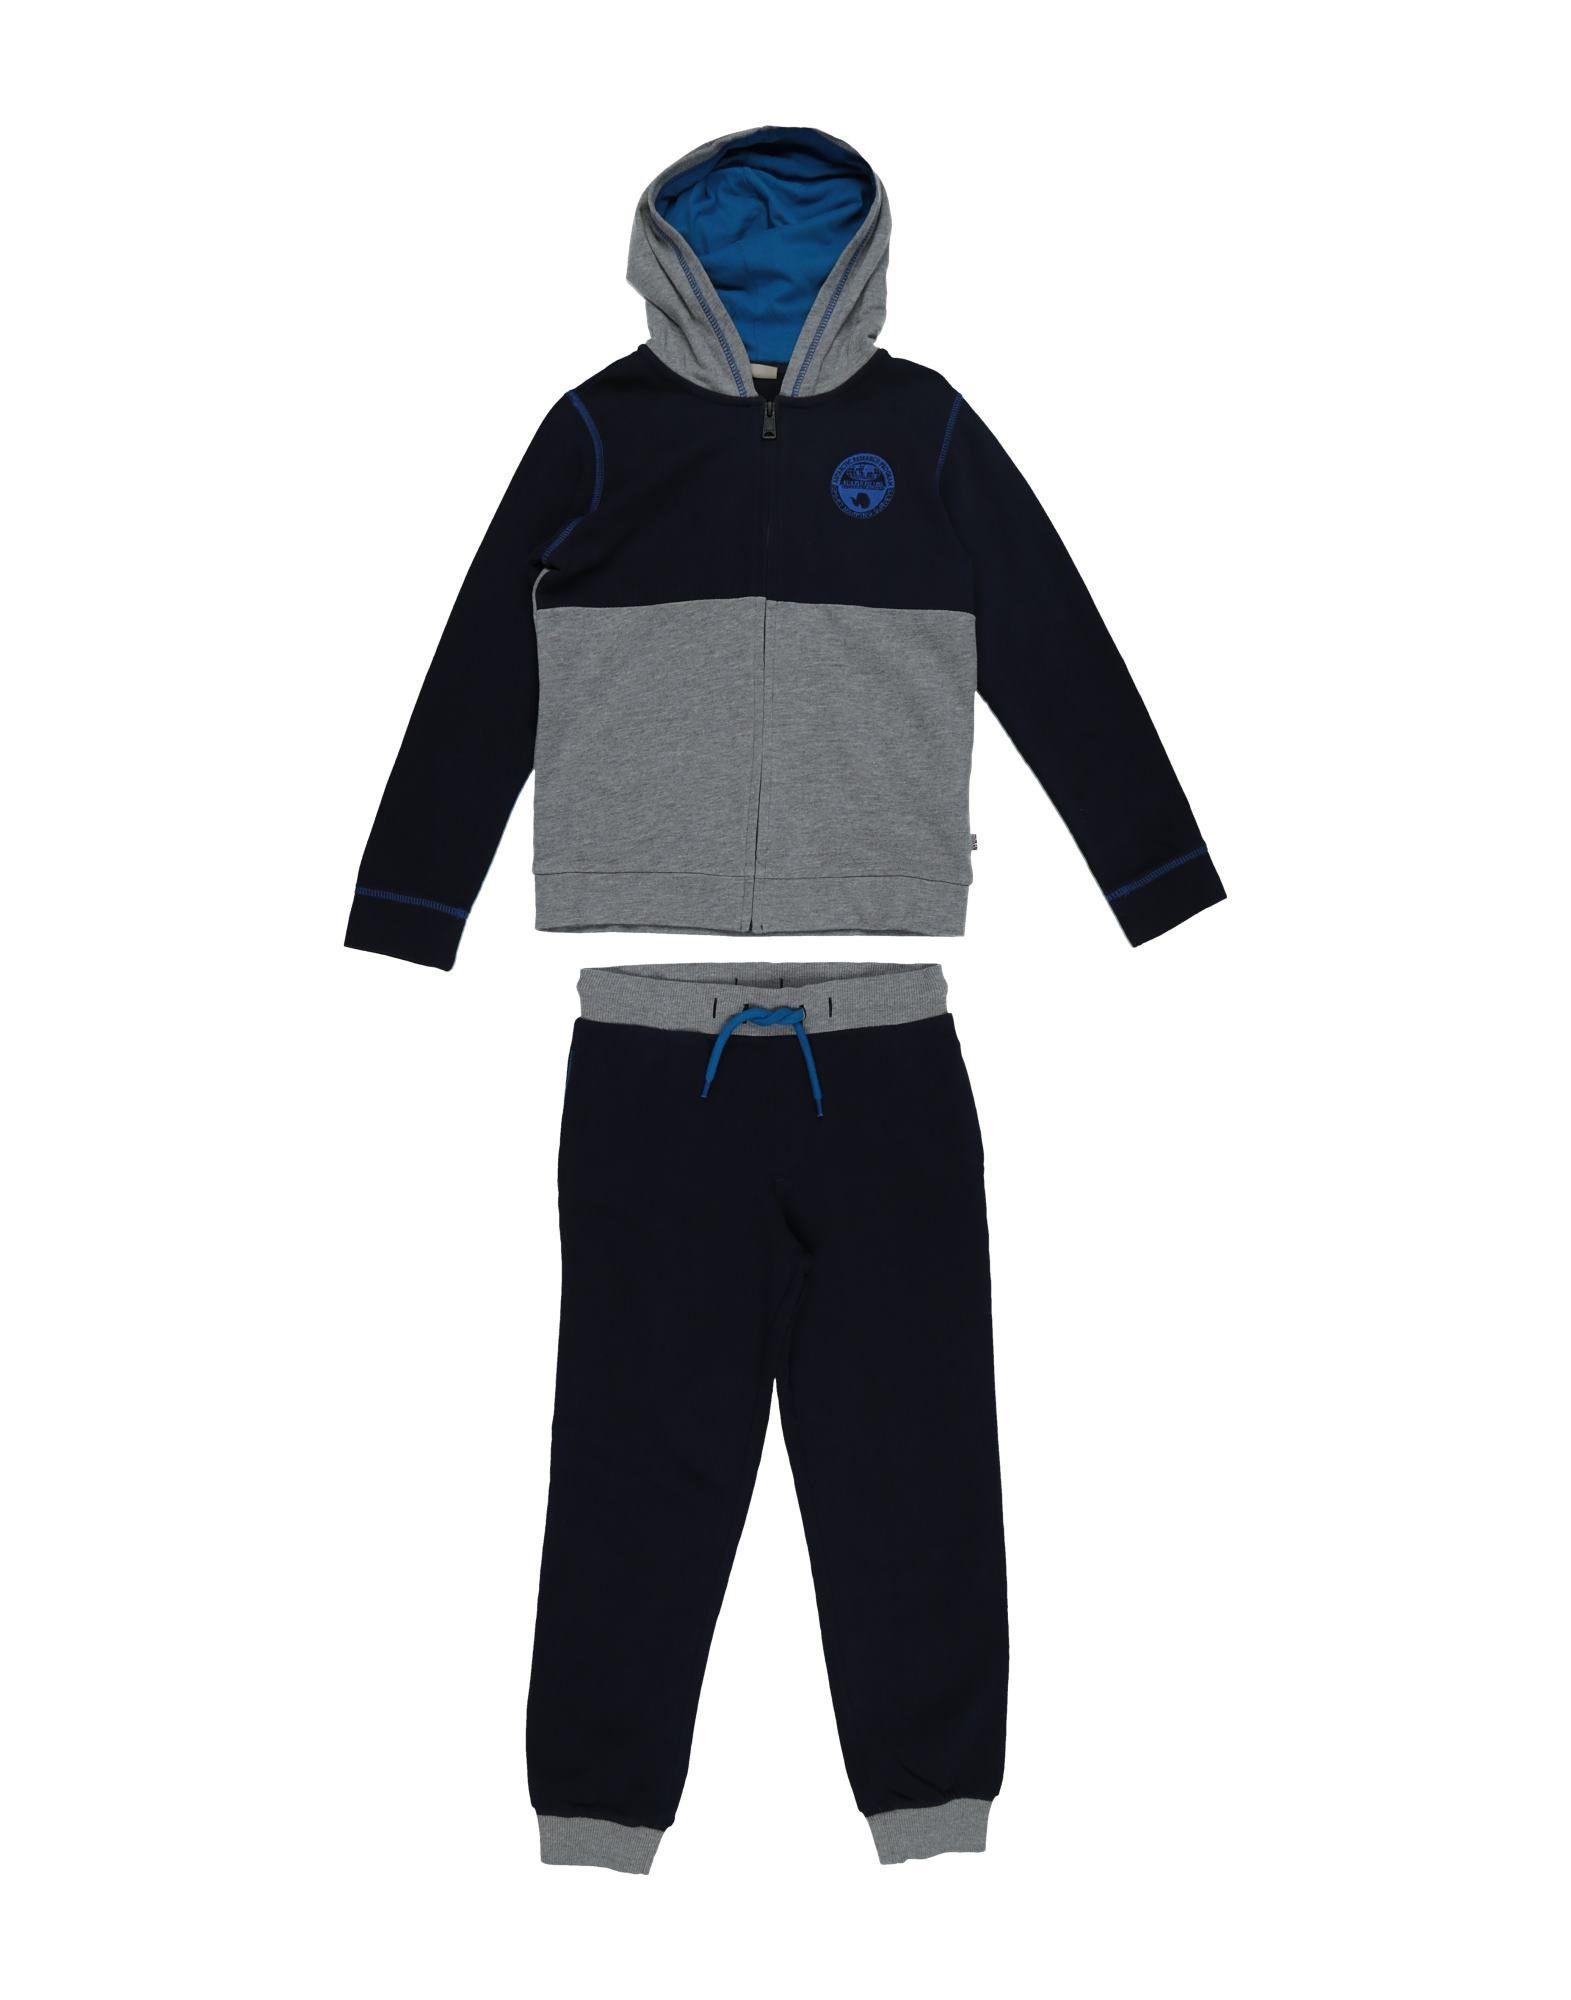 Фото - NAPAPIJRI Спортивный костюм спортивный костюм xtep 2015 r1